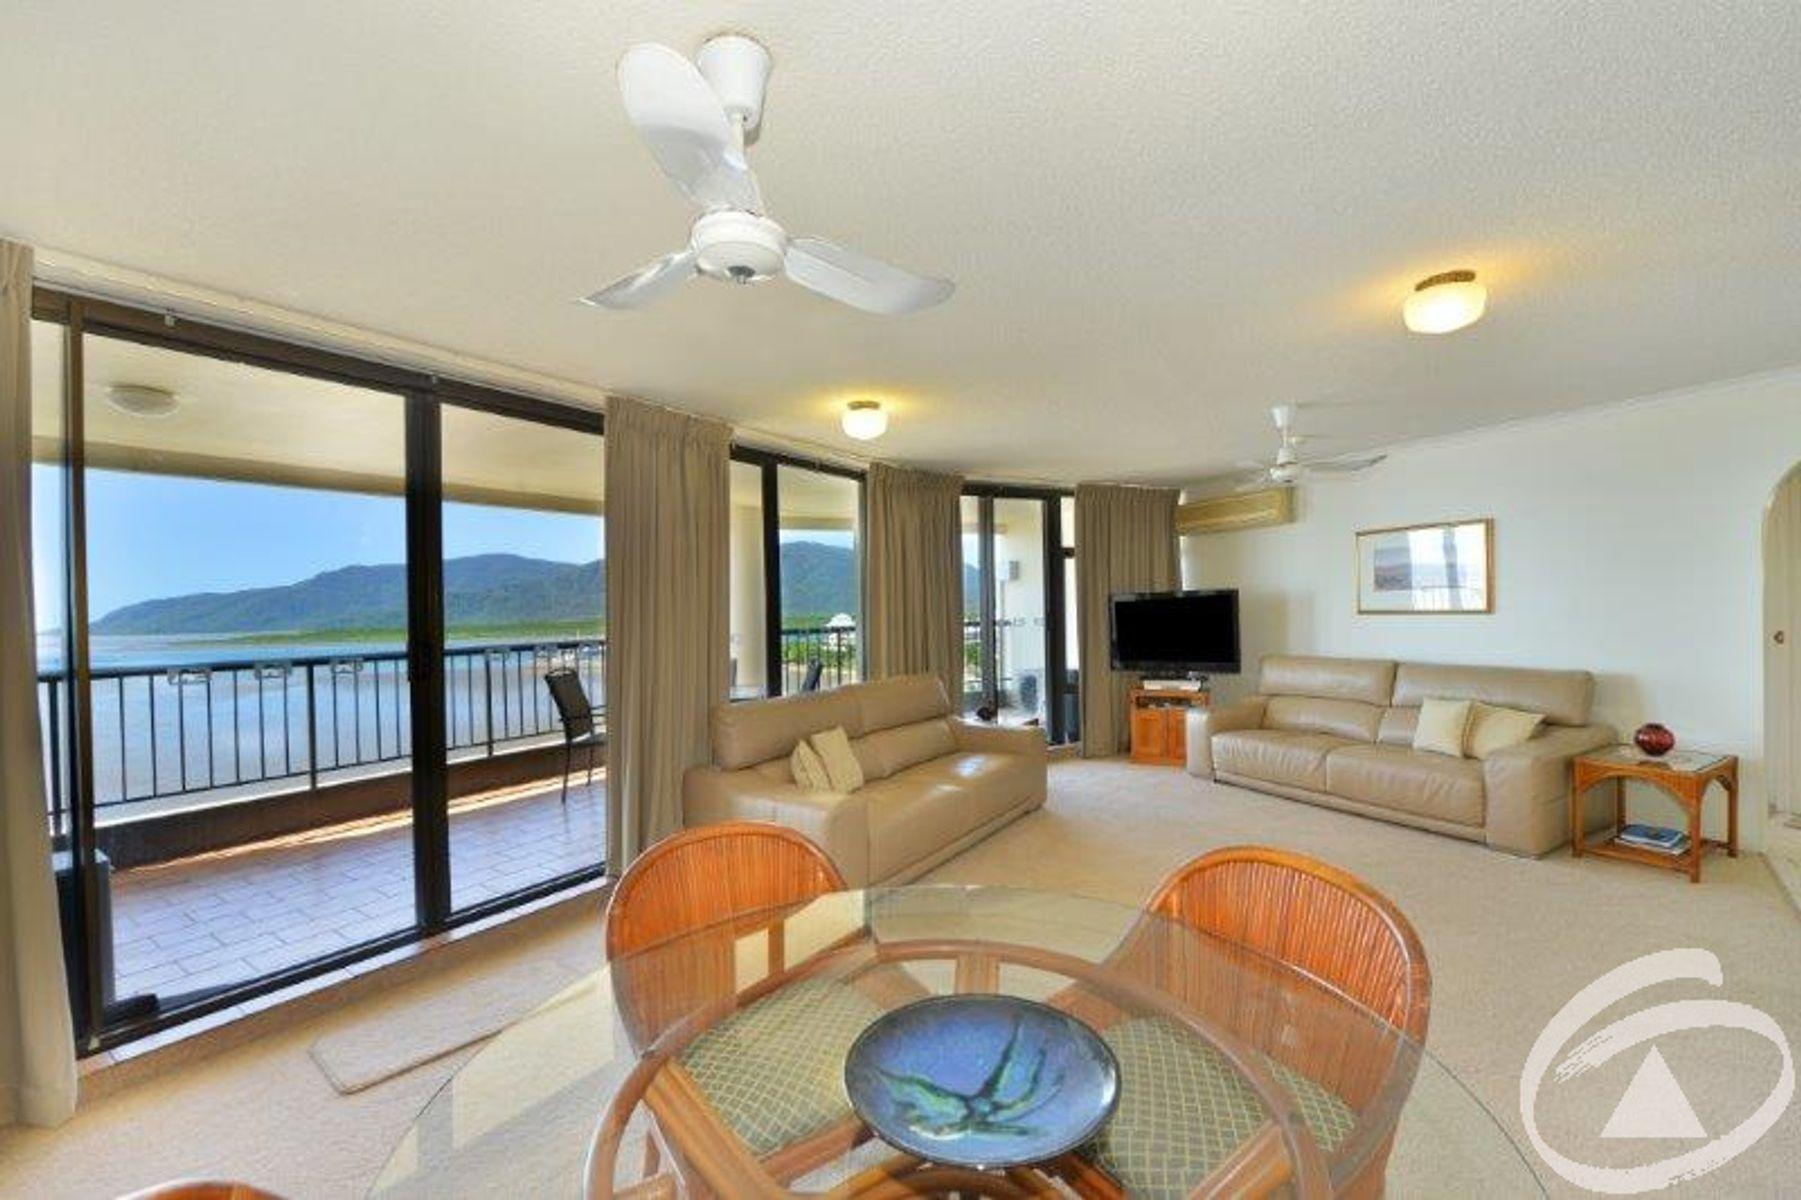 74/107 Esplanade, Cairns City, QLD 4870